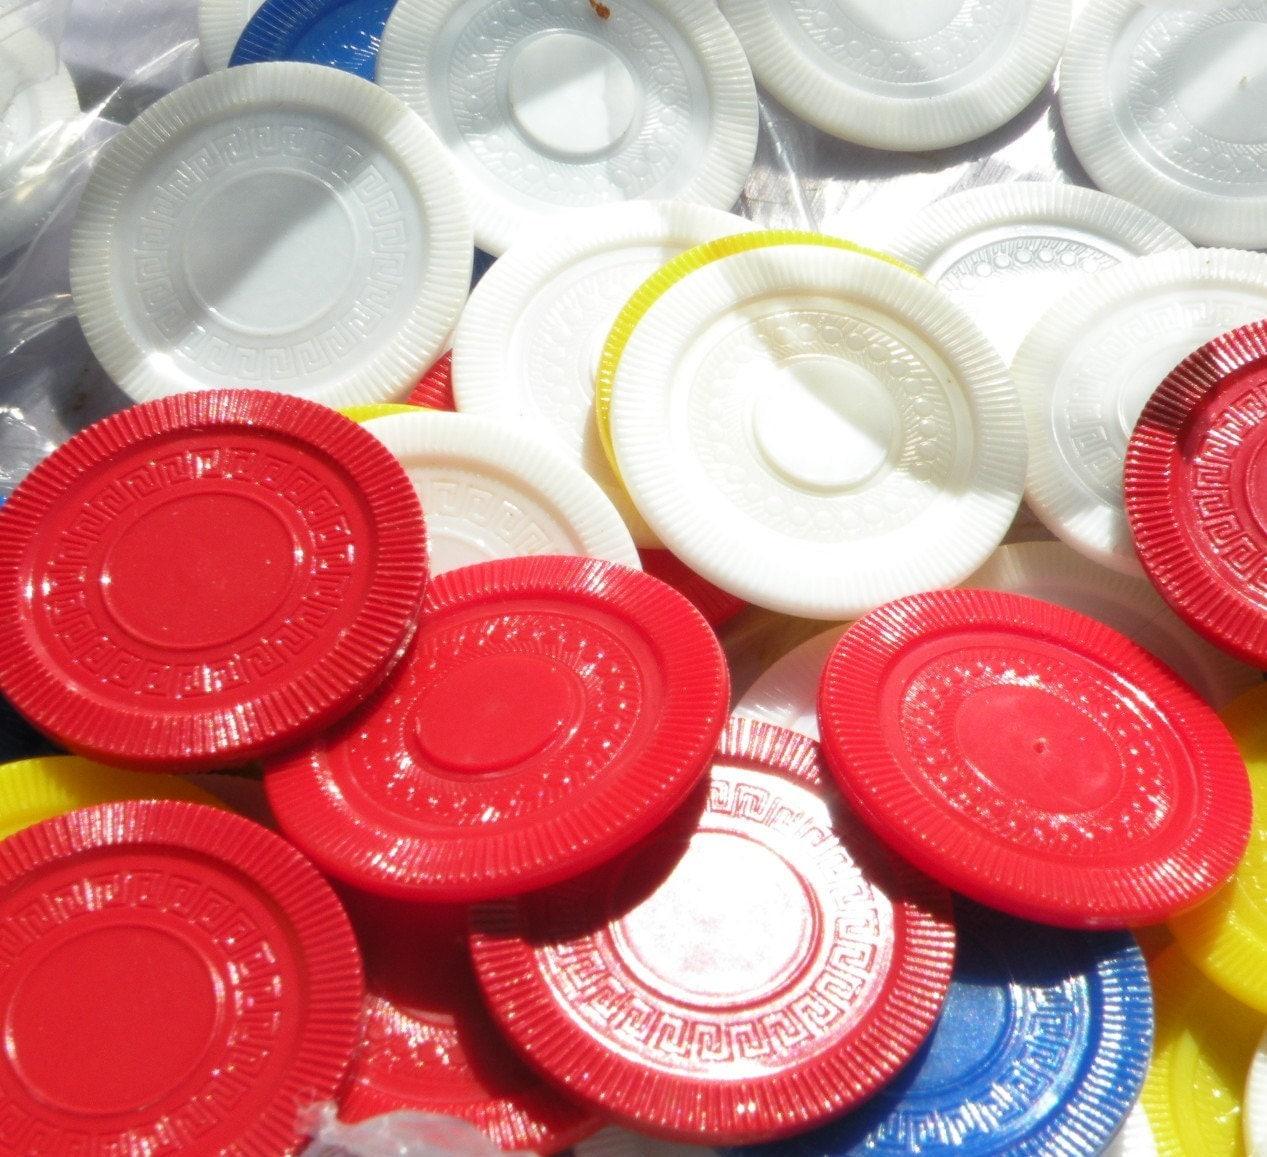 Retro poker chips